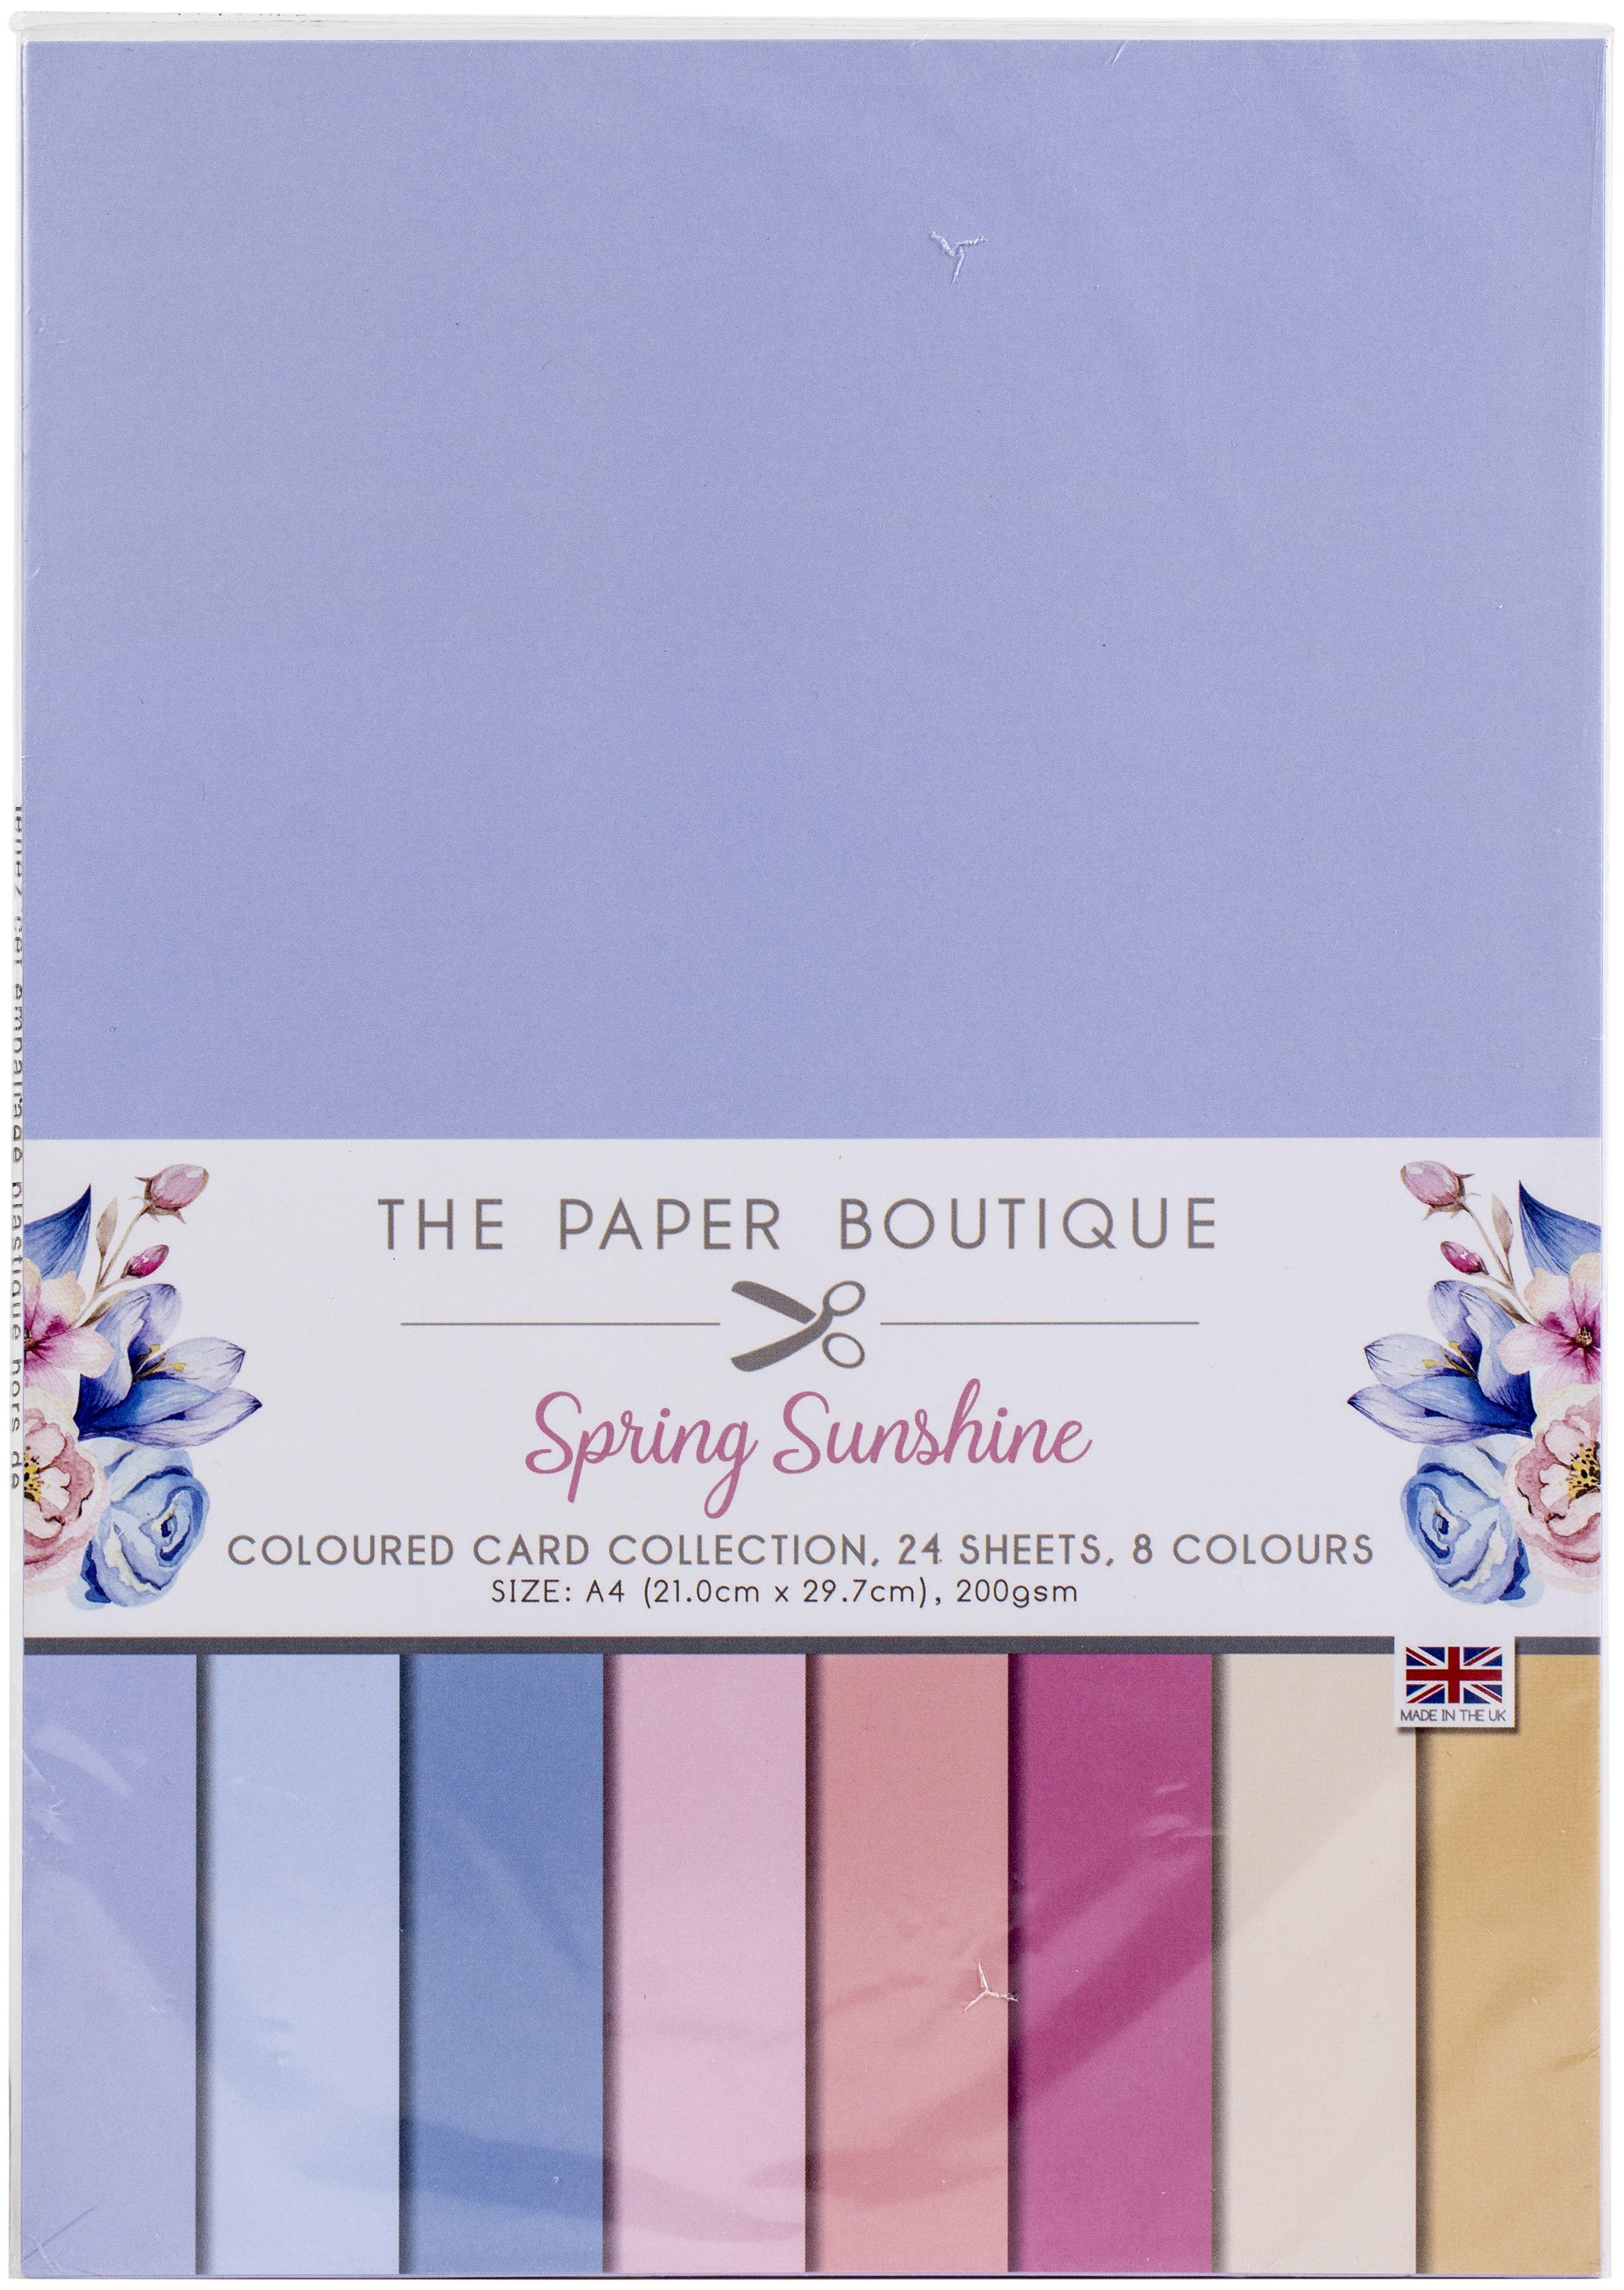 The Paper Boutique Color Card Collection A4 24/Pkg-Spring Sunshine, 8 Colors